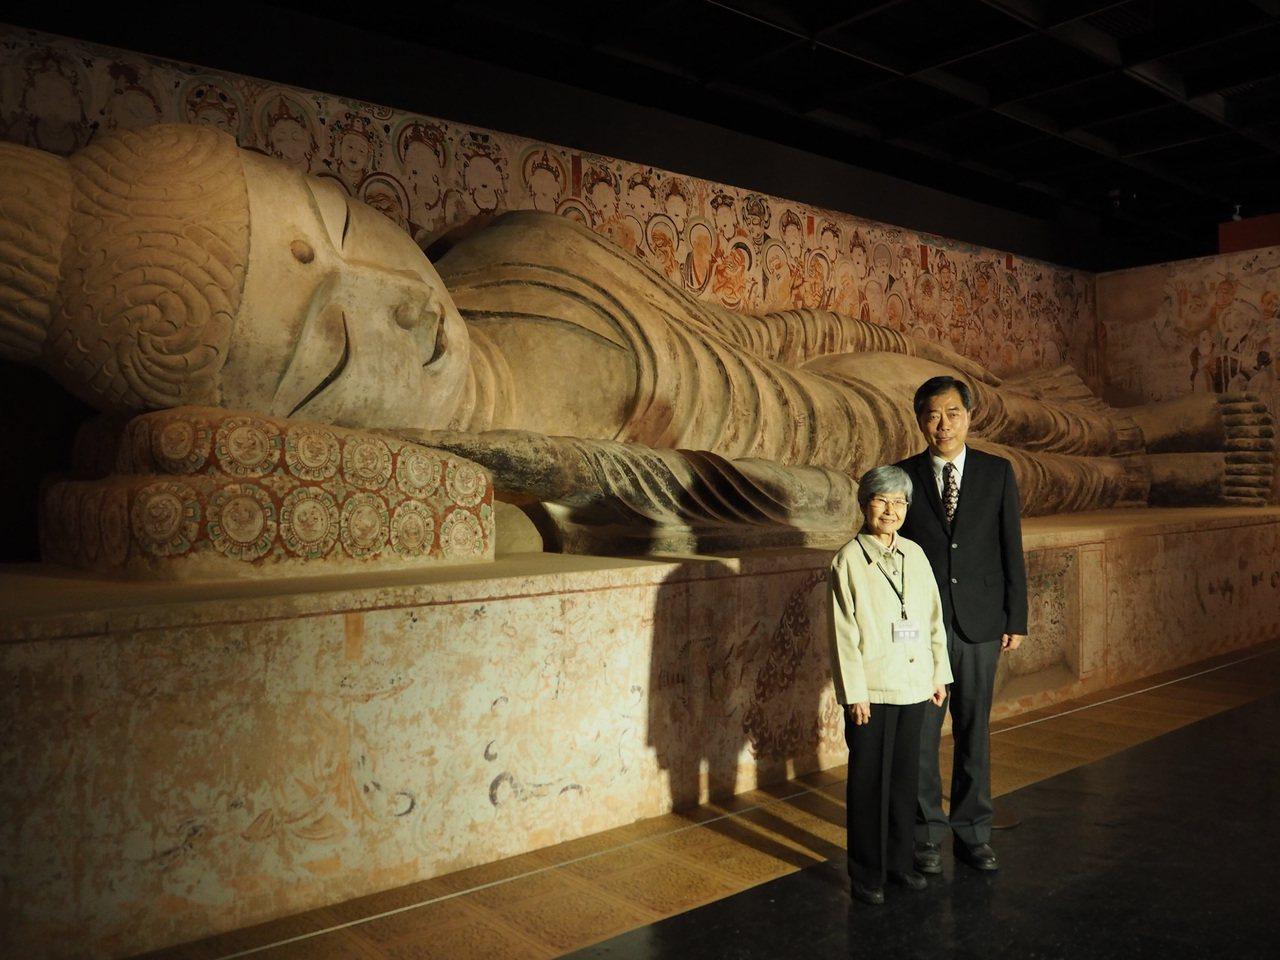 第158號「涅槃窟」位於莫高窟南端,原長15公尺臥佛,科博館現場仿製為13公尺,...